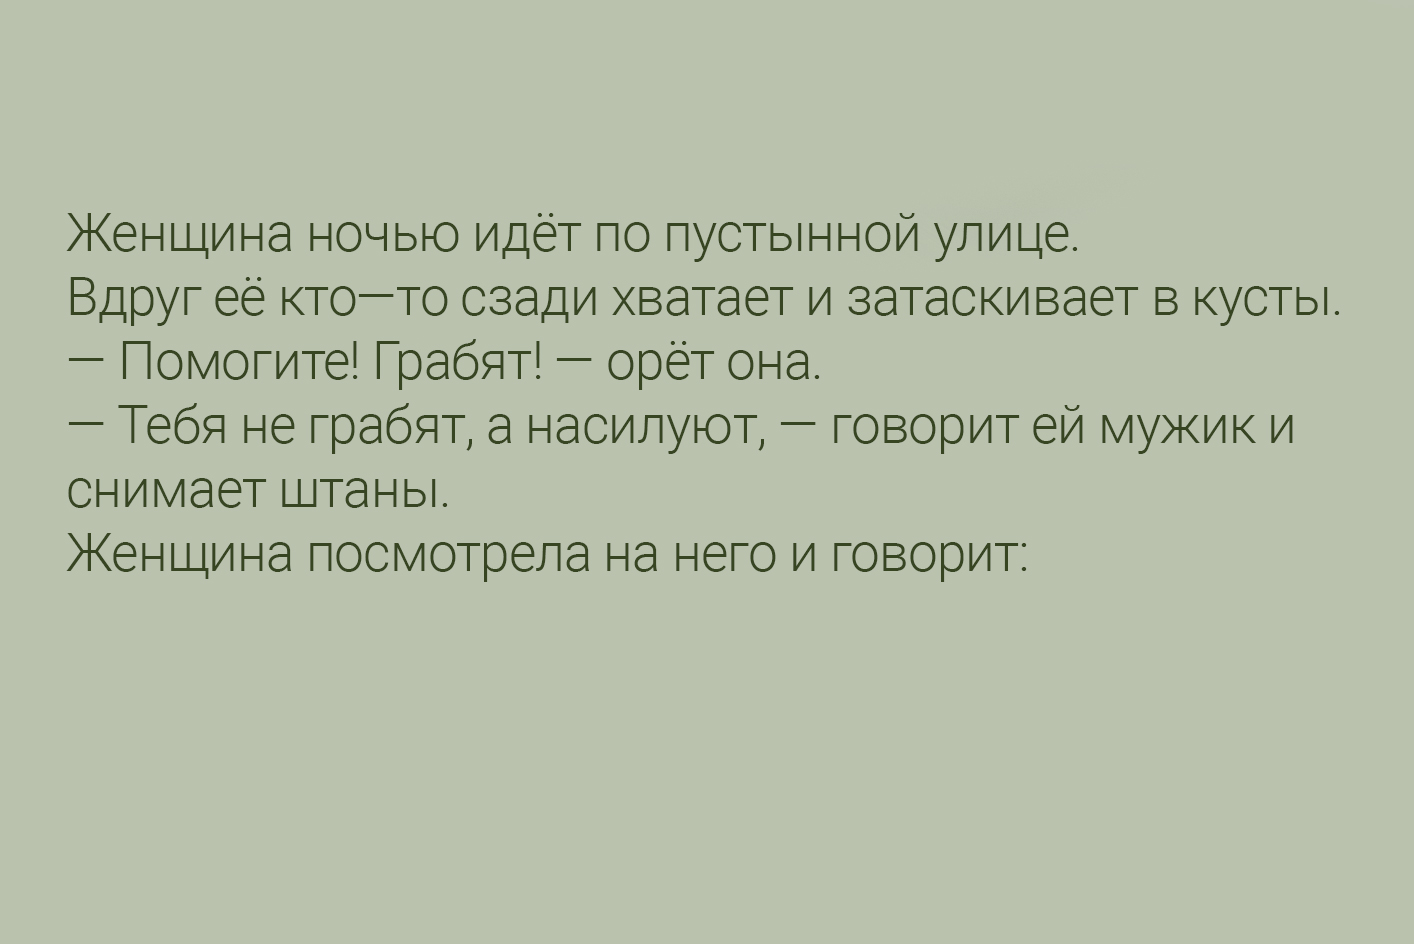 mafavmav